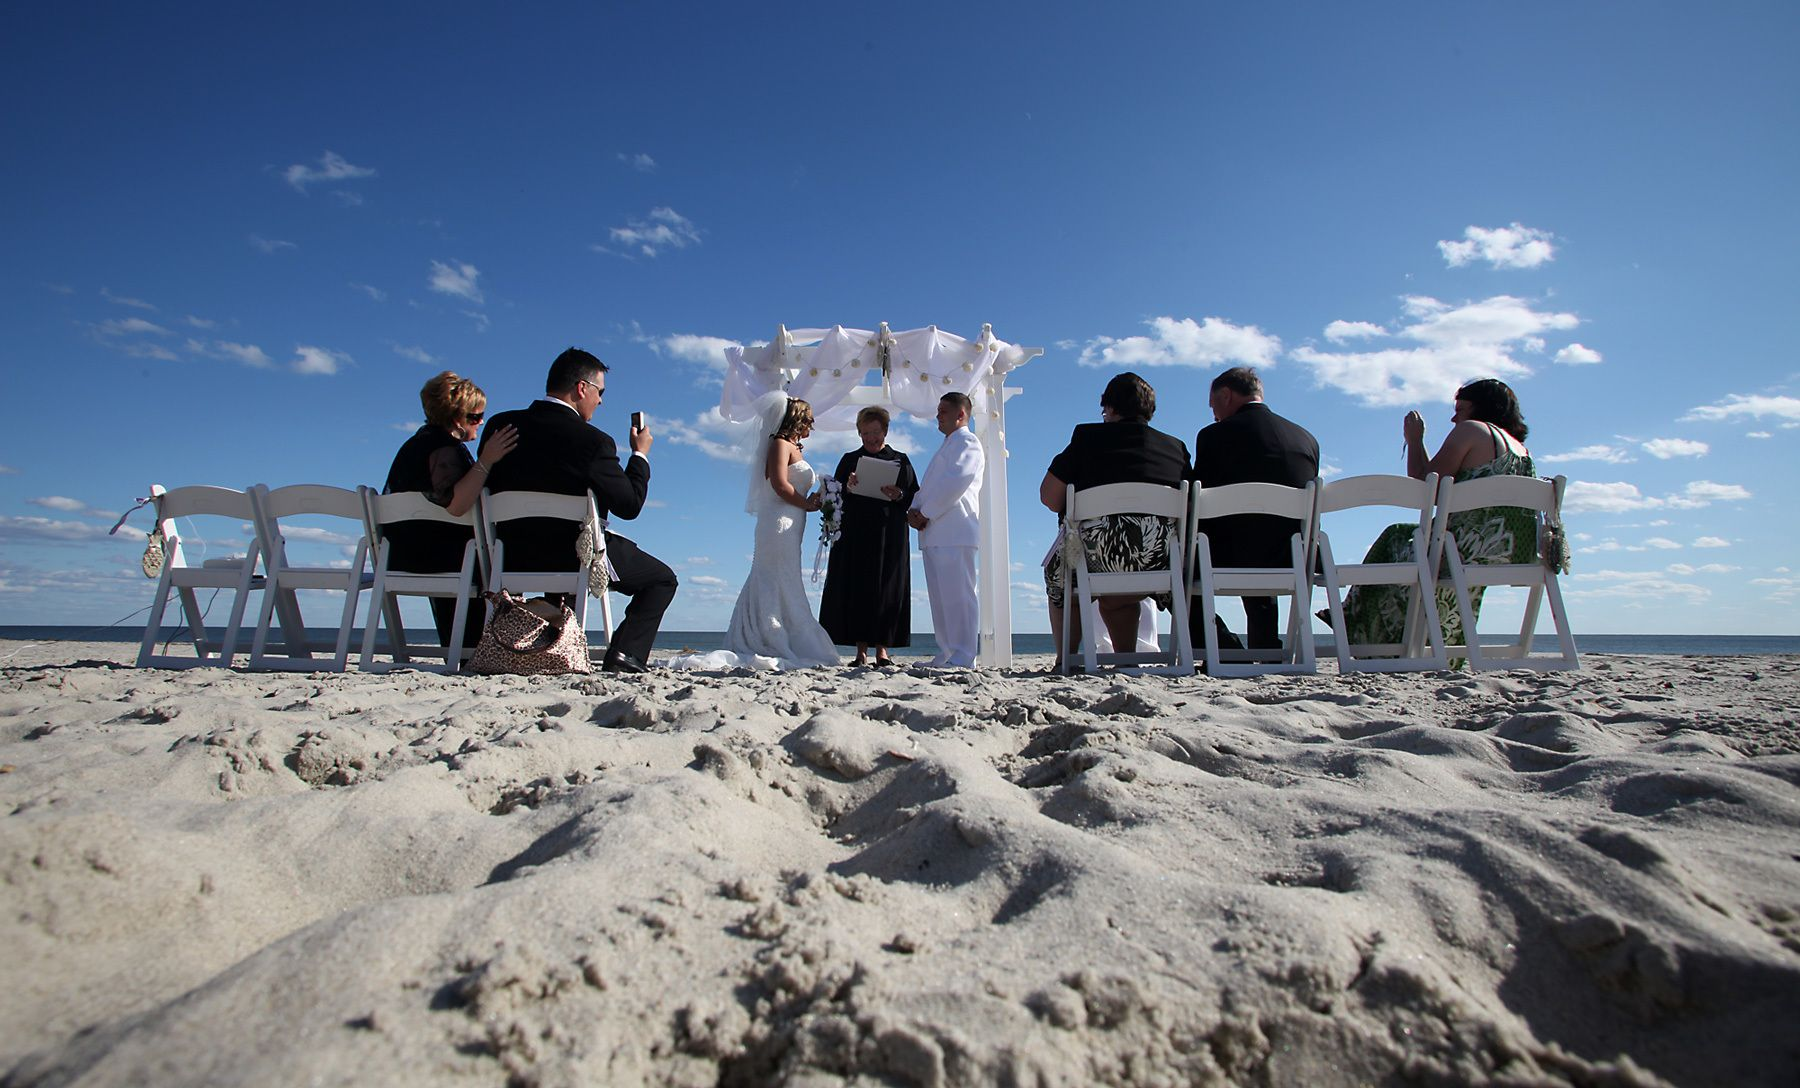 4_0_89_1myrtle_beach_wedding_photo_04